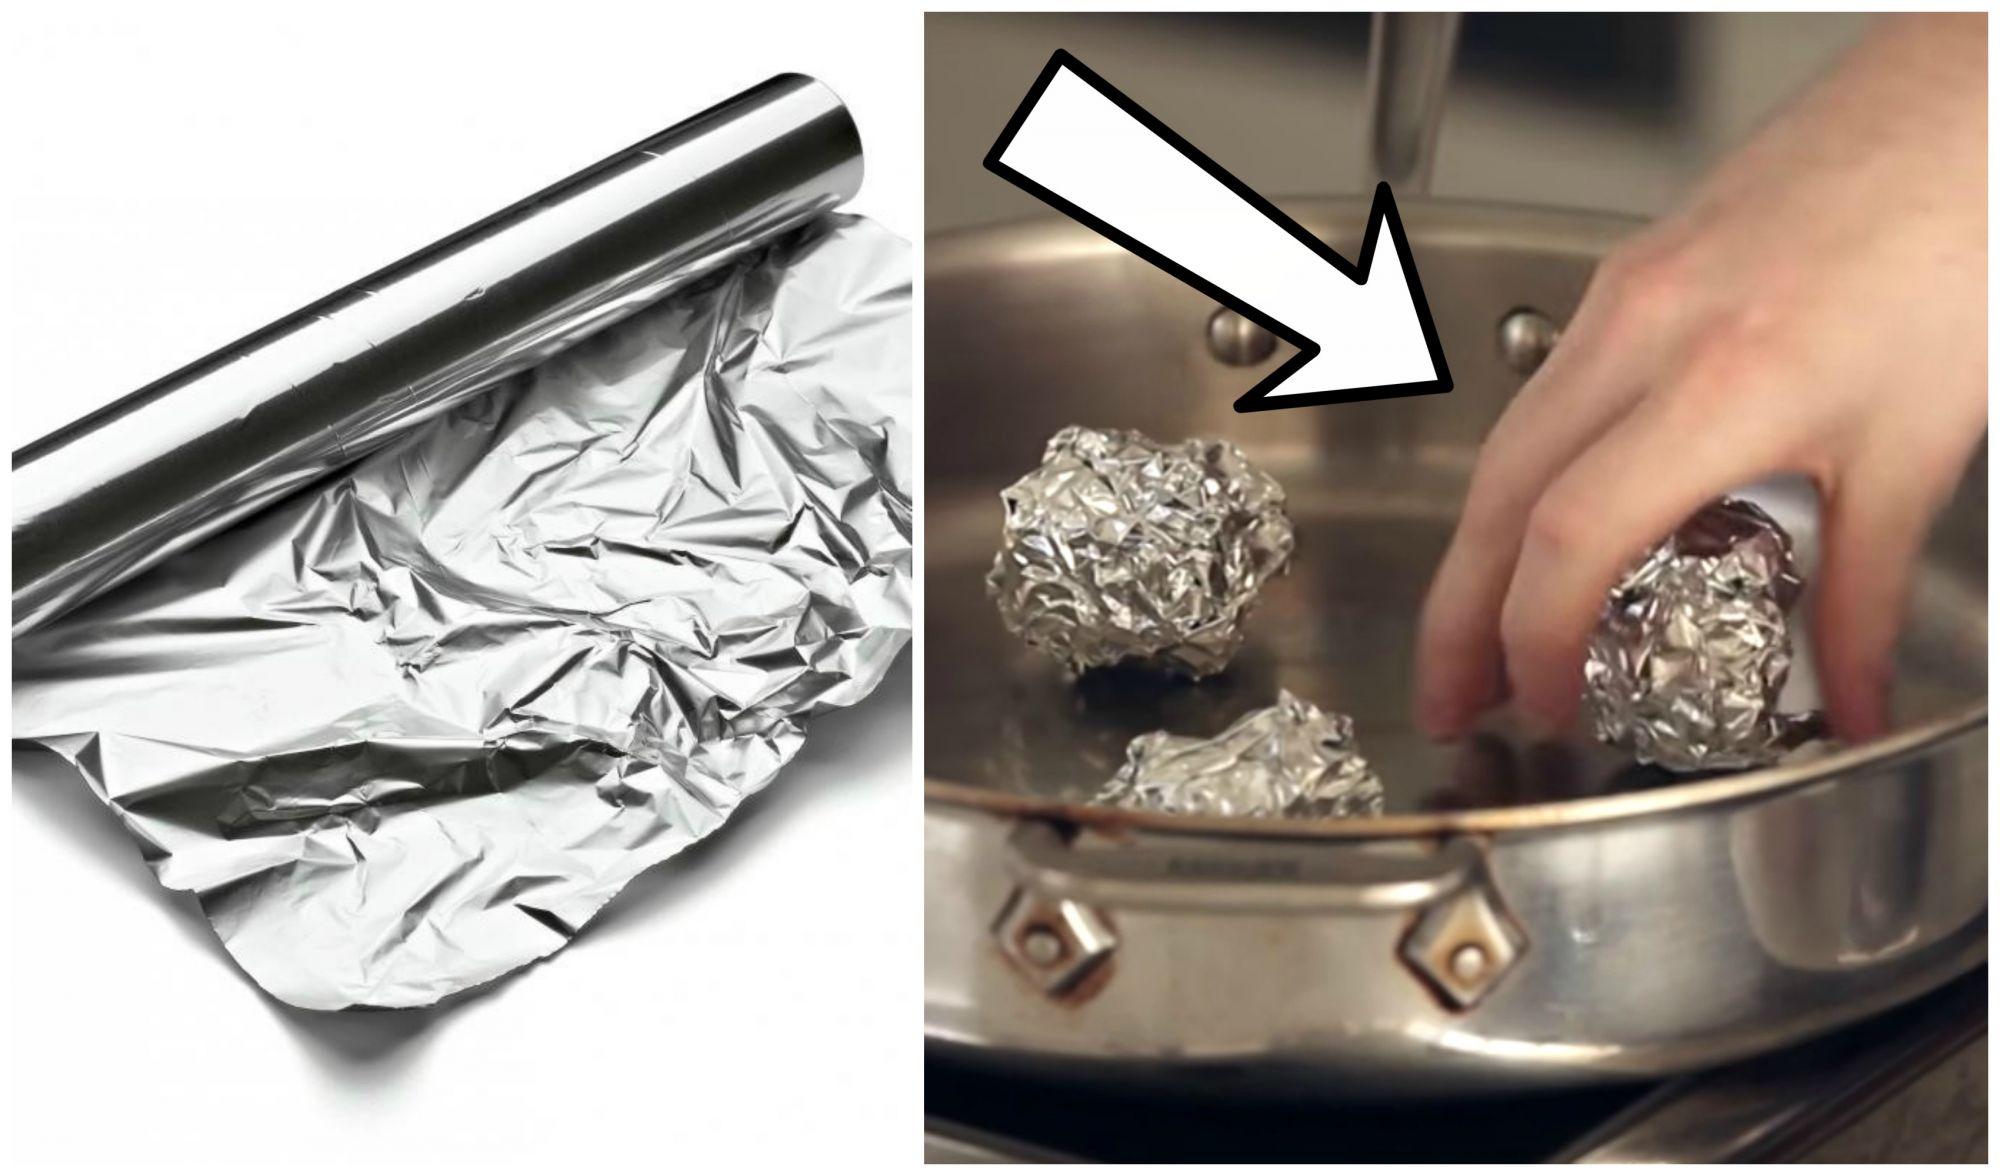 Truco para cocinar al vapor sin tener vaporera - Cocinar al vapor con vaporera ...